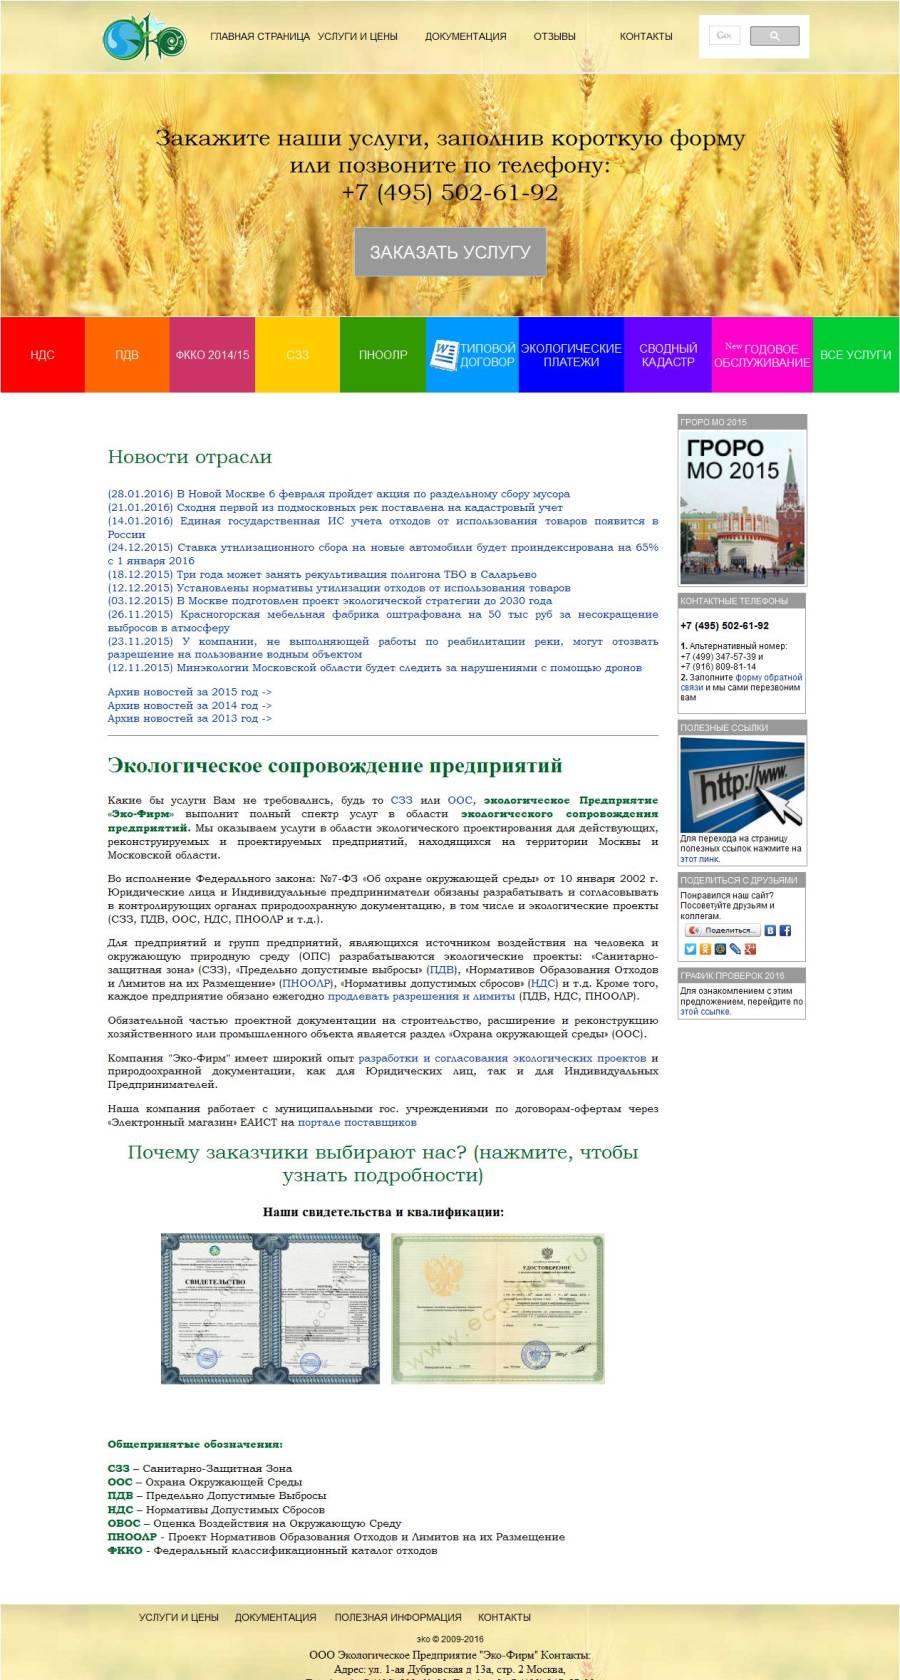 eco-firm.ru - экологические услуги.